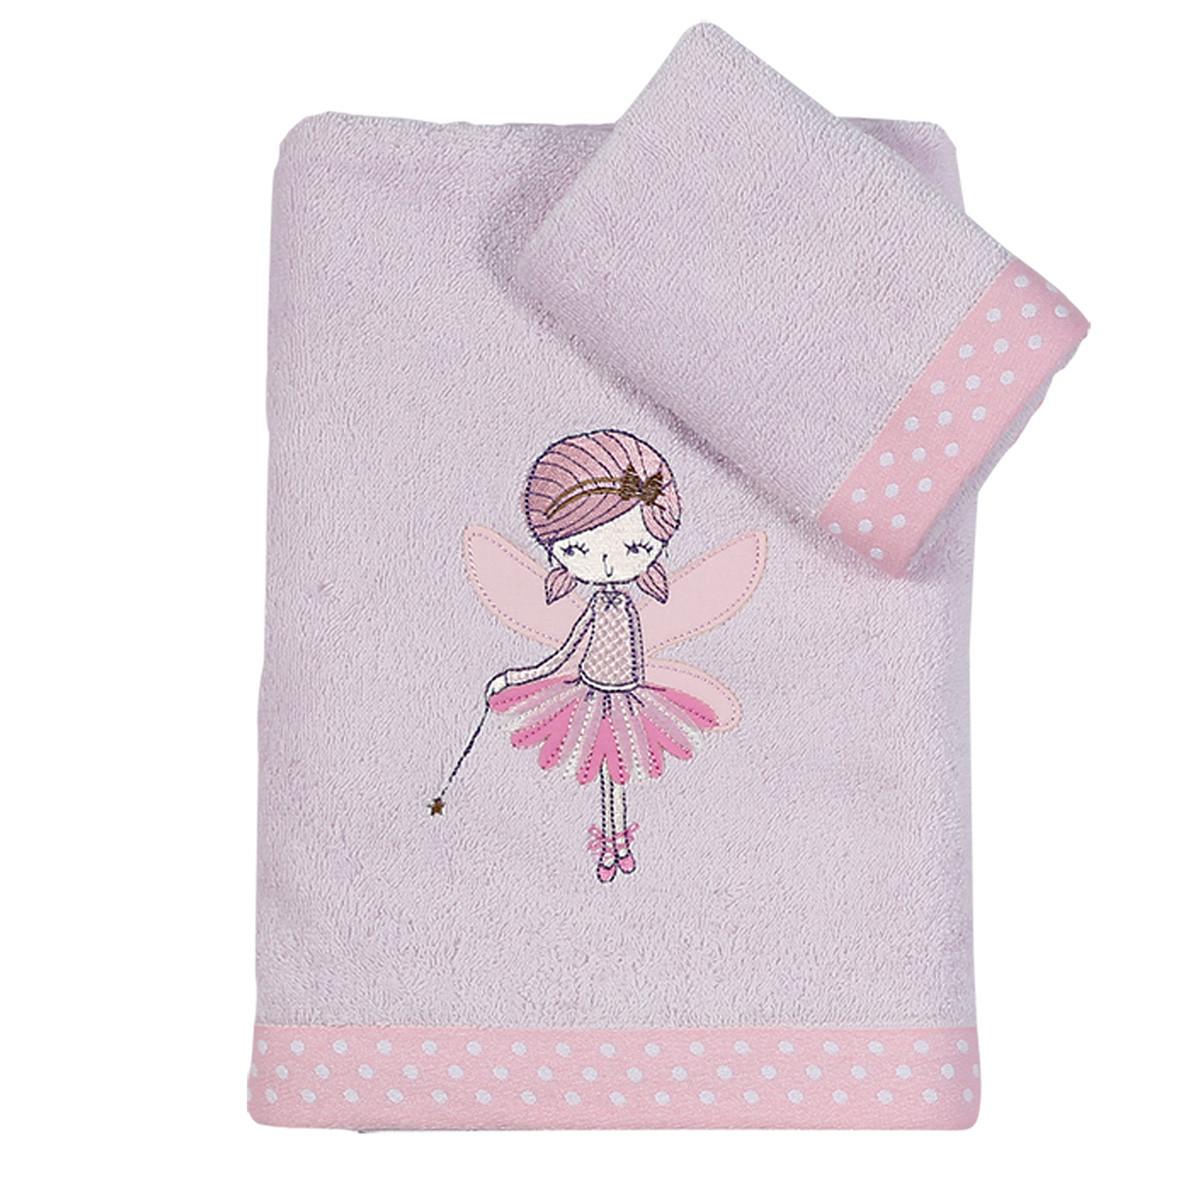 Παιδικές Πετσέτες (Σετ 2τμχ) Nef-Nef Junior Romantic Girl